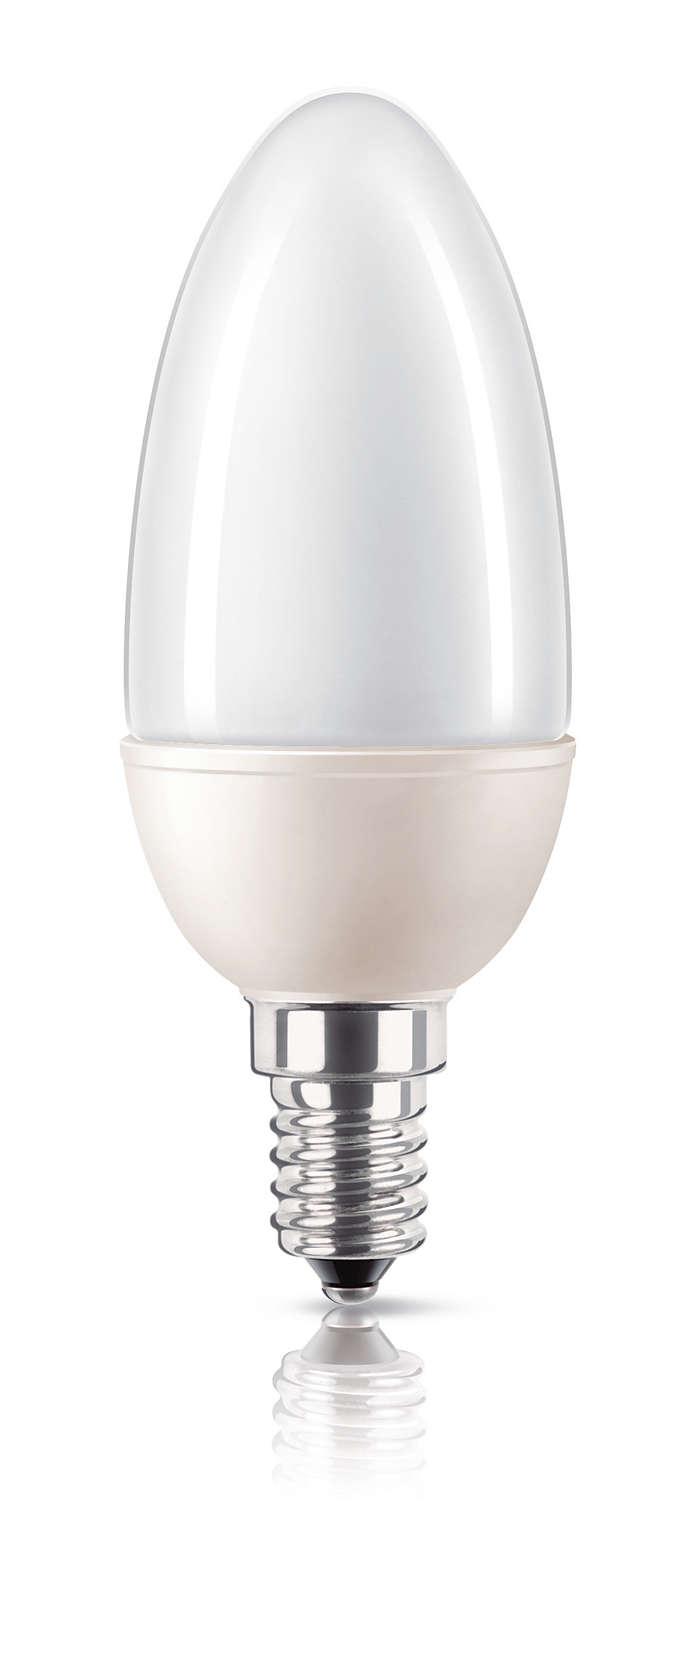 Energiezuinig licht in kaarsvorm